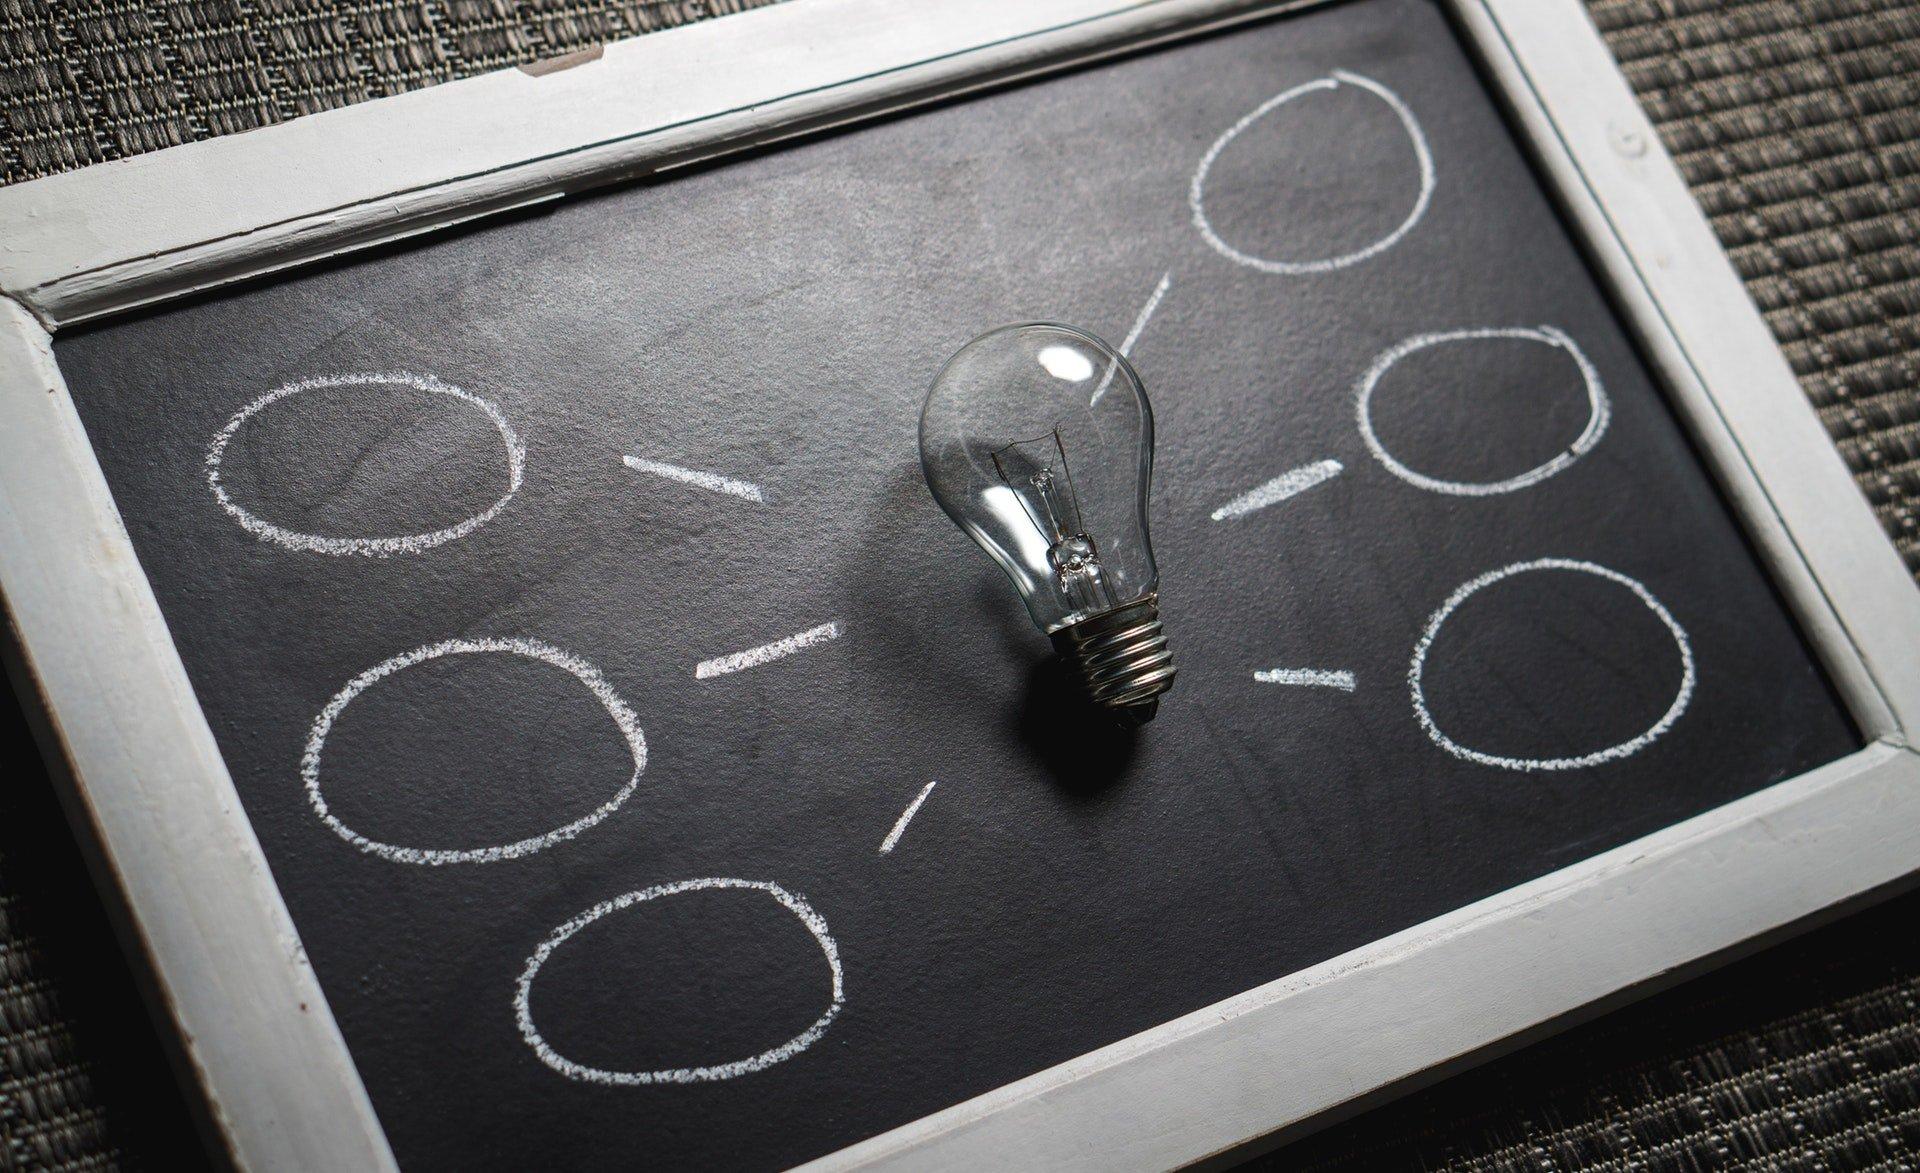 Marketing Strategy Brand Advocacy